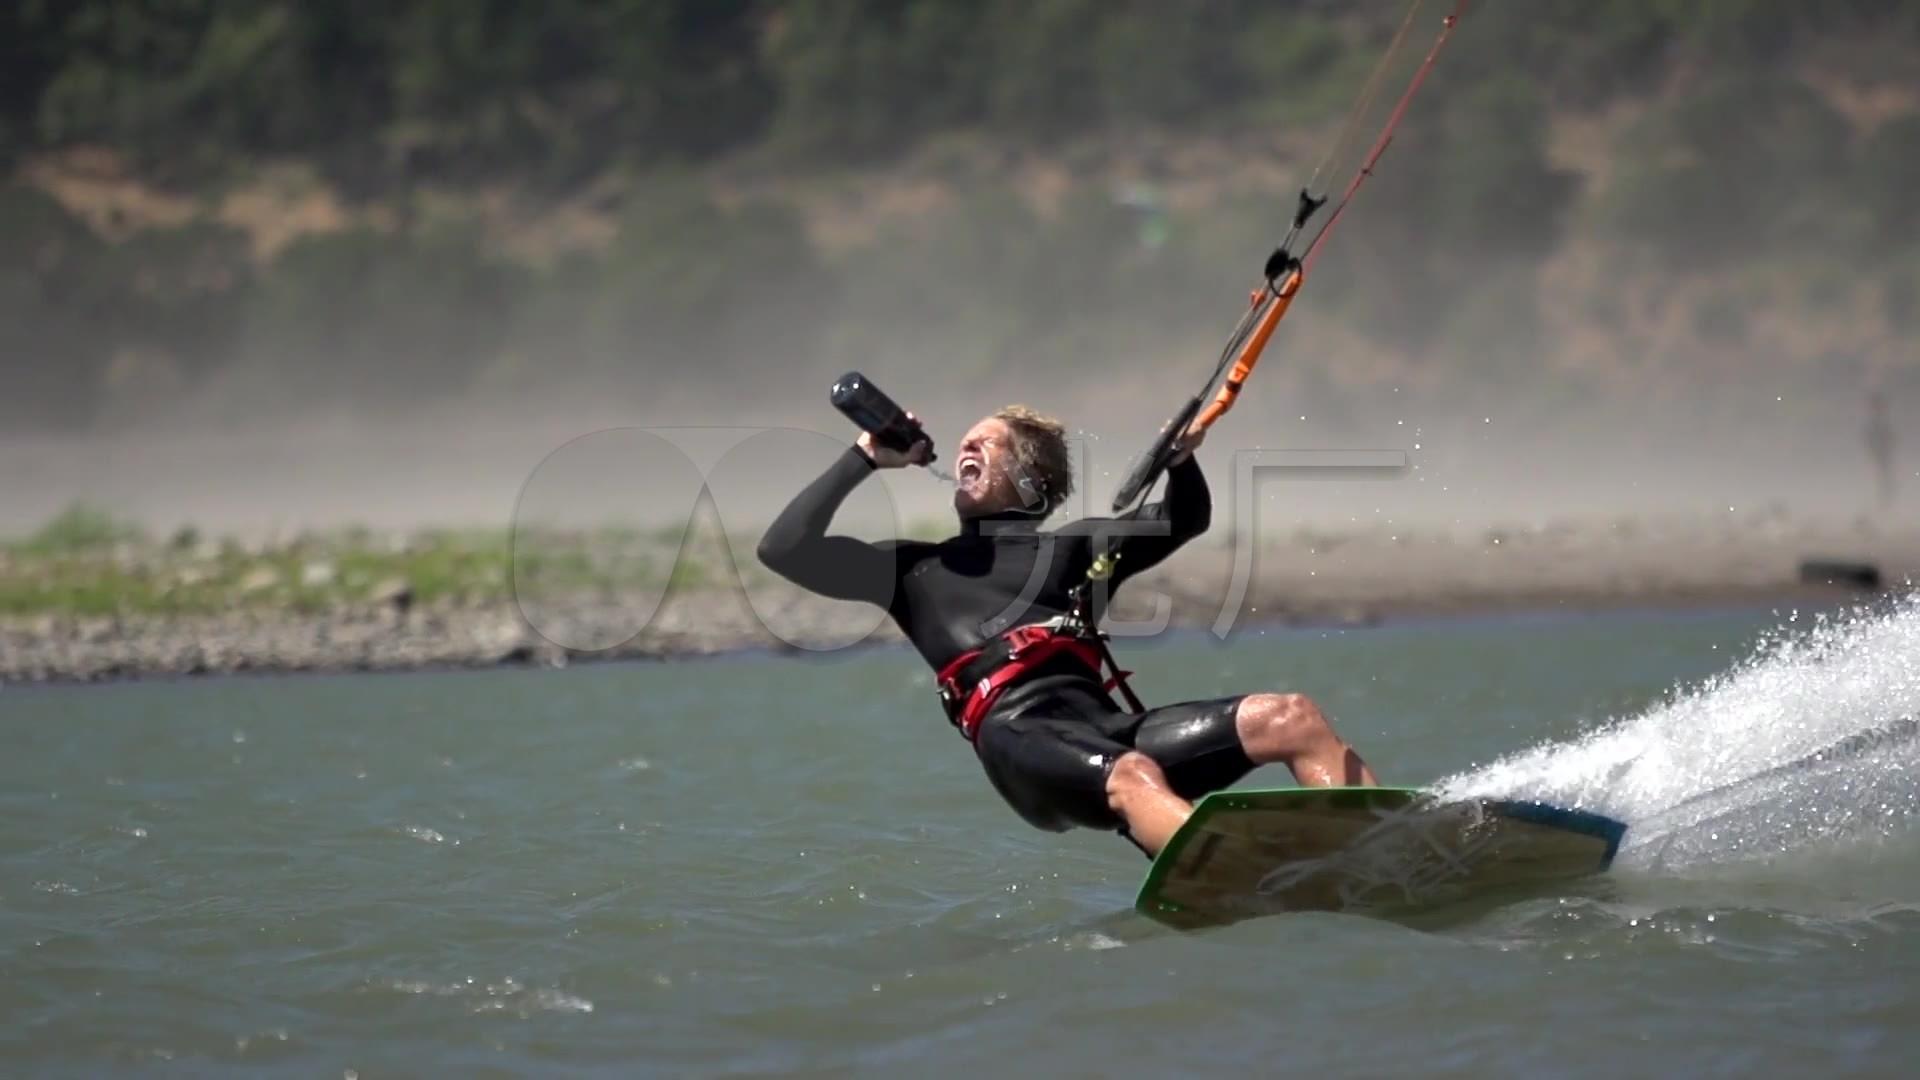 酷炫升格视频摩托艇冲浪v视频_1920X1080_高卫子夫滑板在线观看高清图片